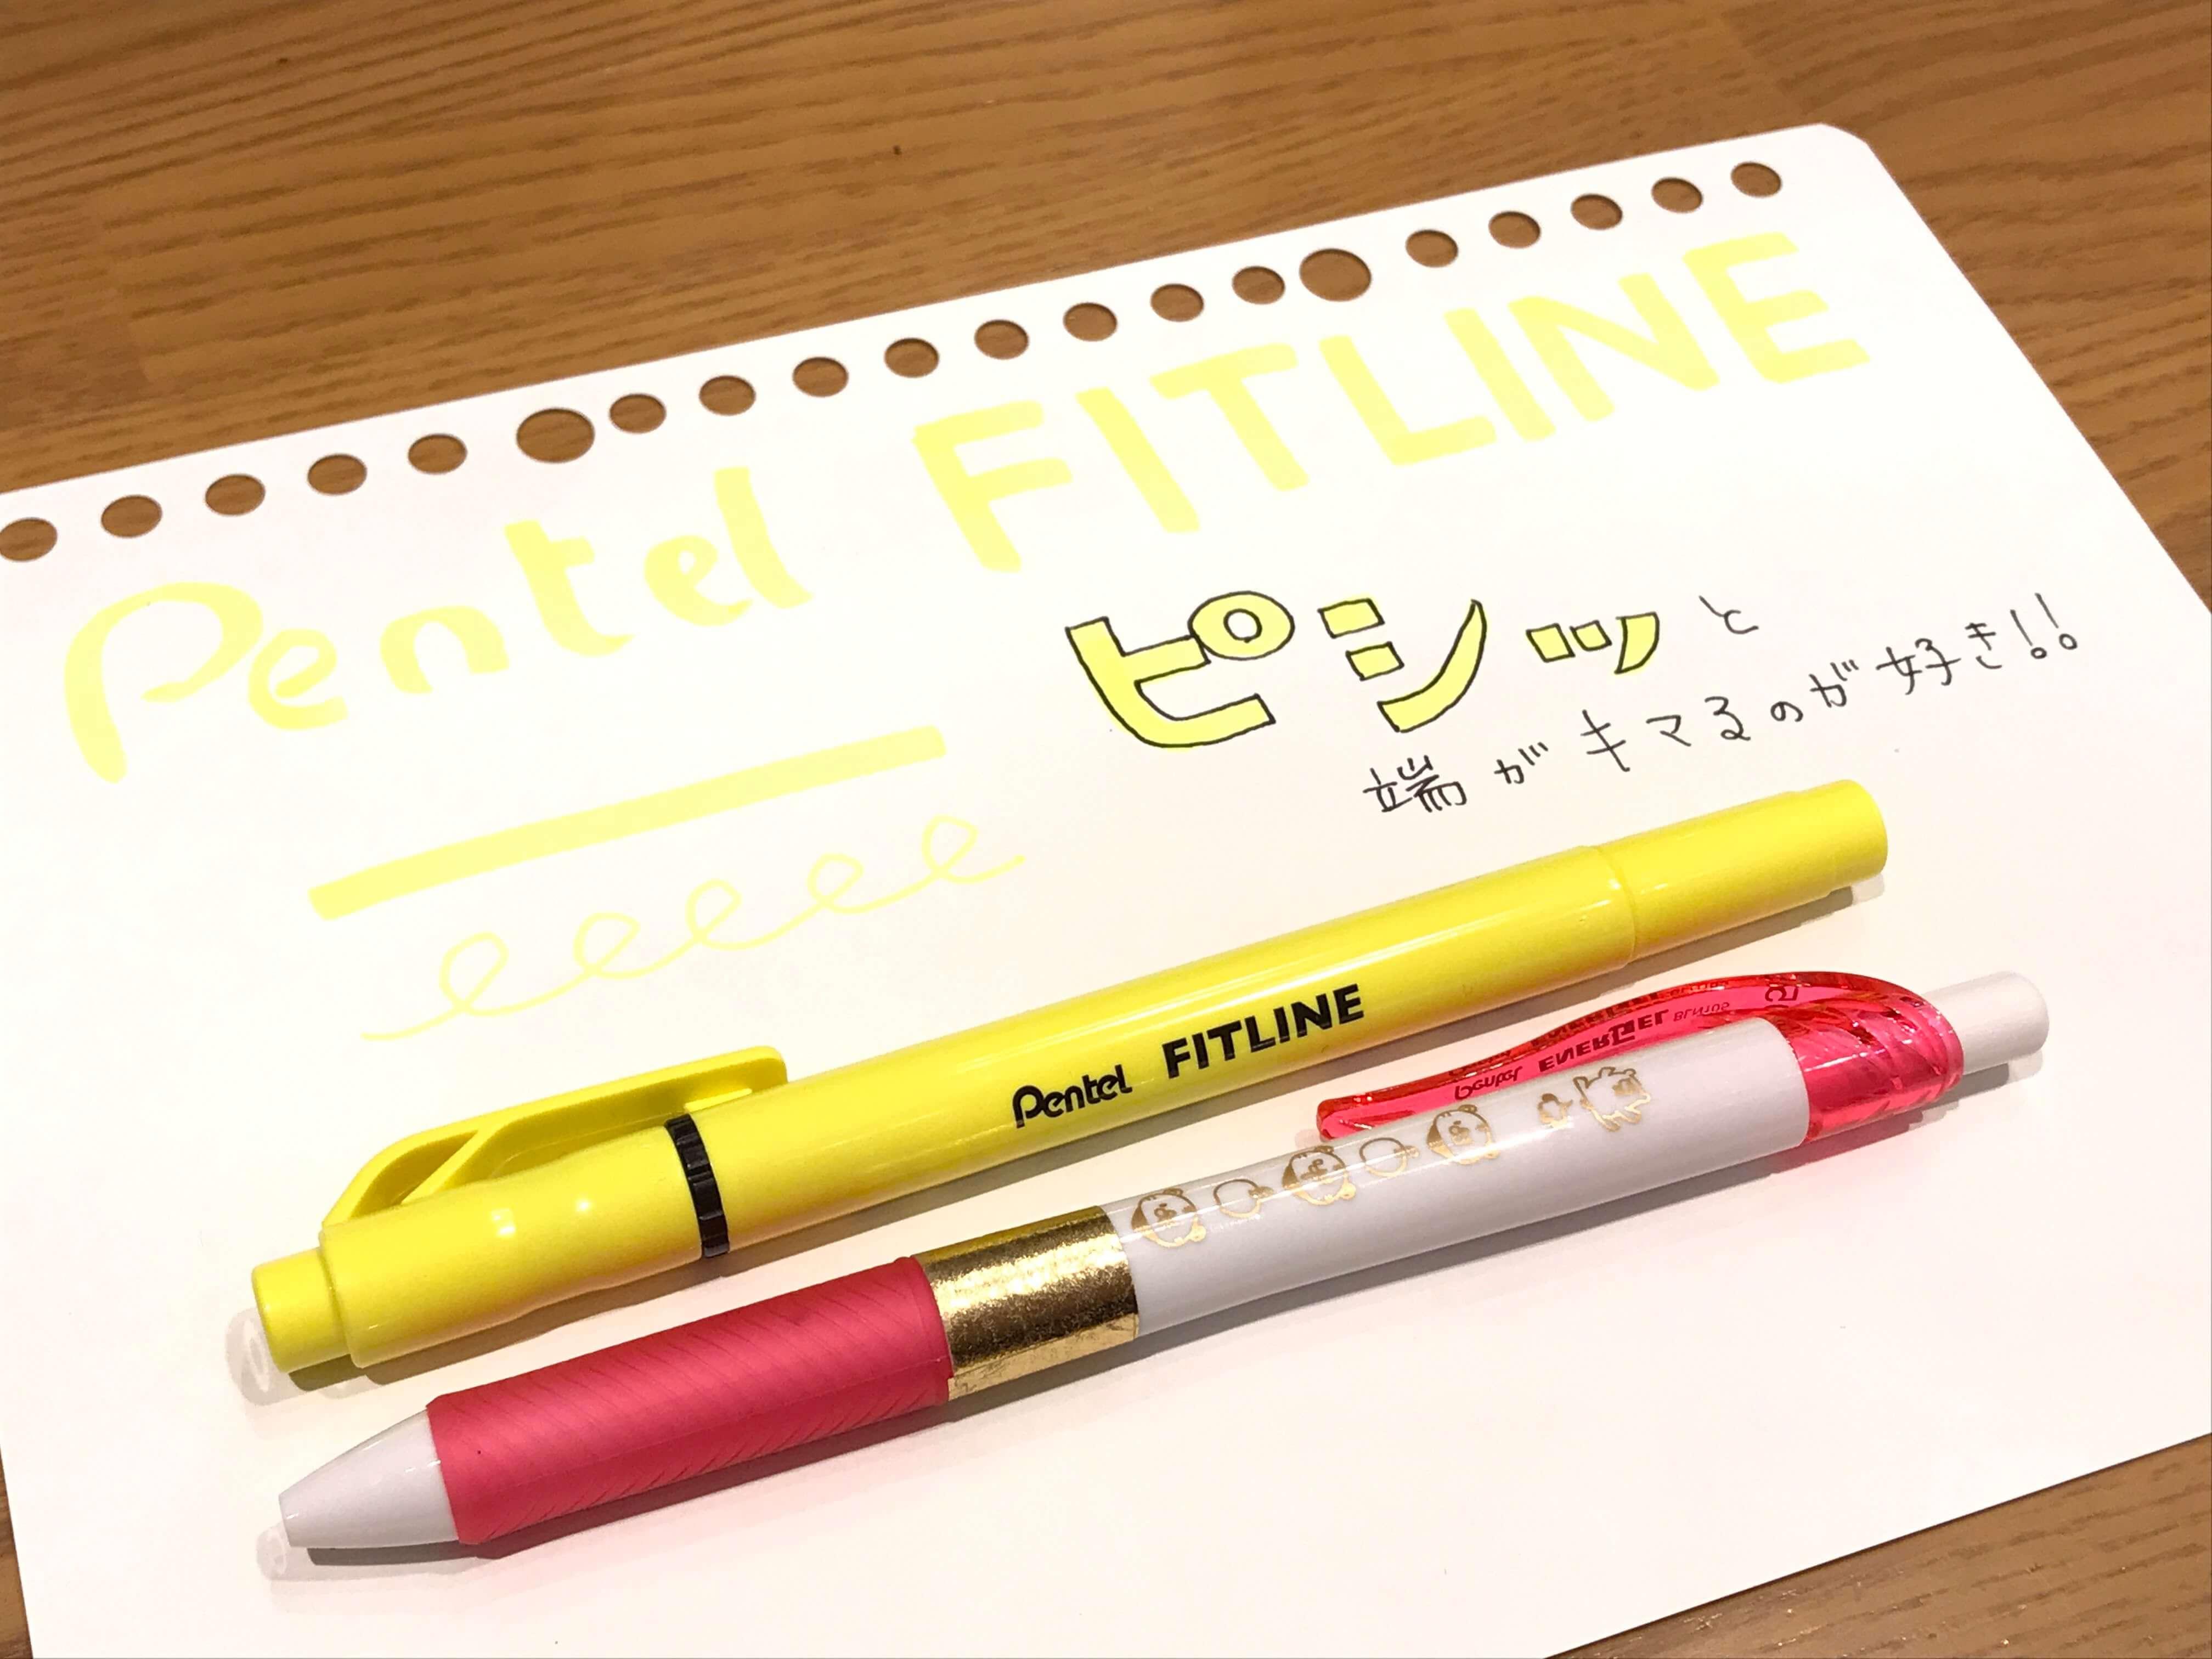 ぺんてるの蛍光ペン「FITLINE(フィットライン)」がレトロかわいい&めっちゃ書きやすい(*'ω' *)